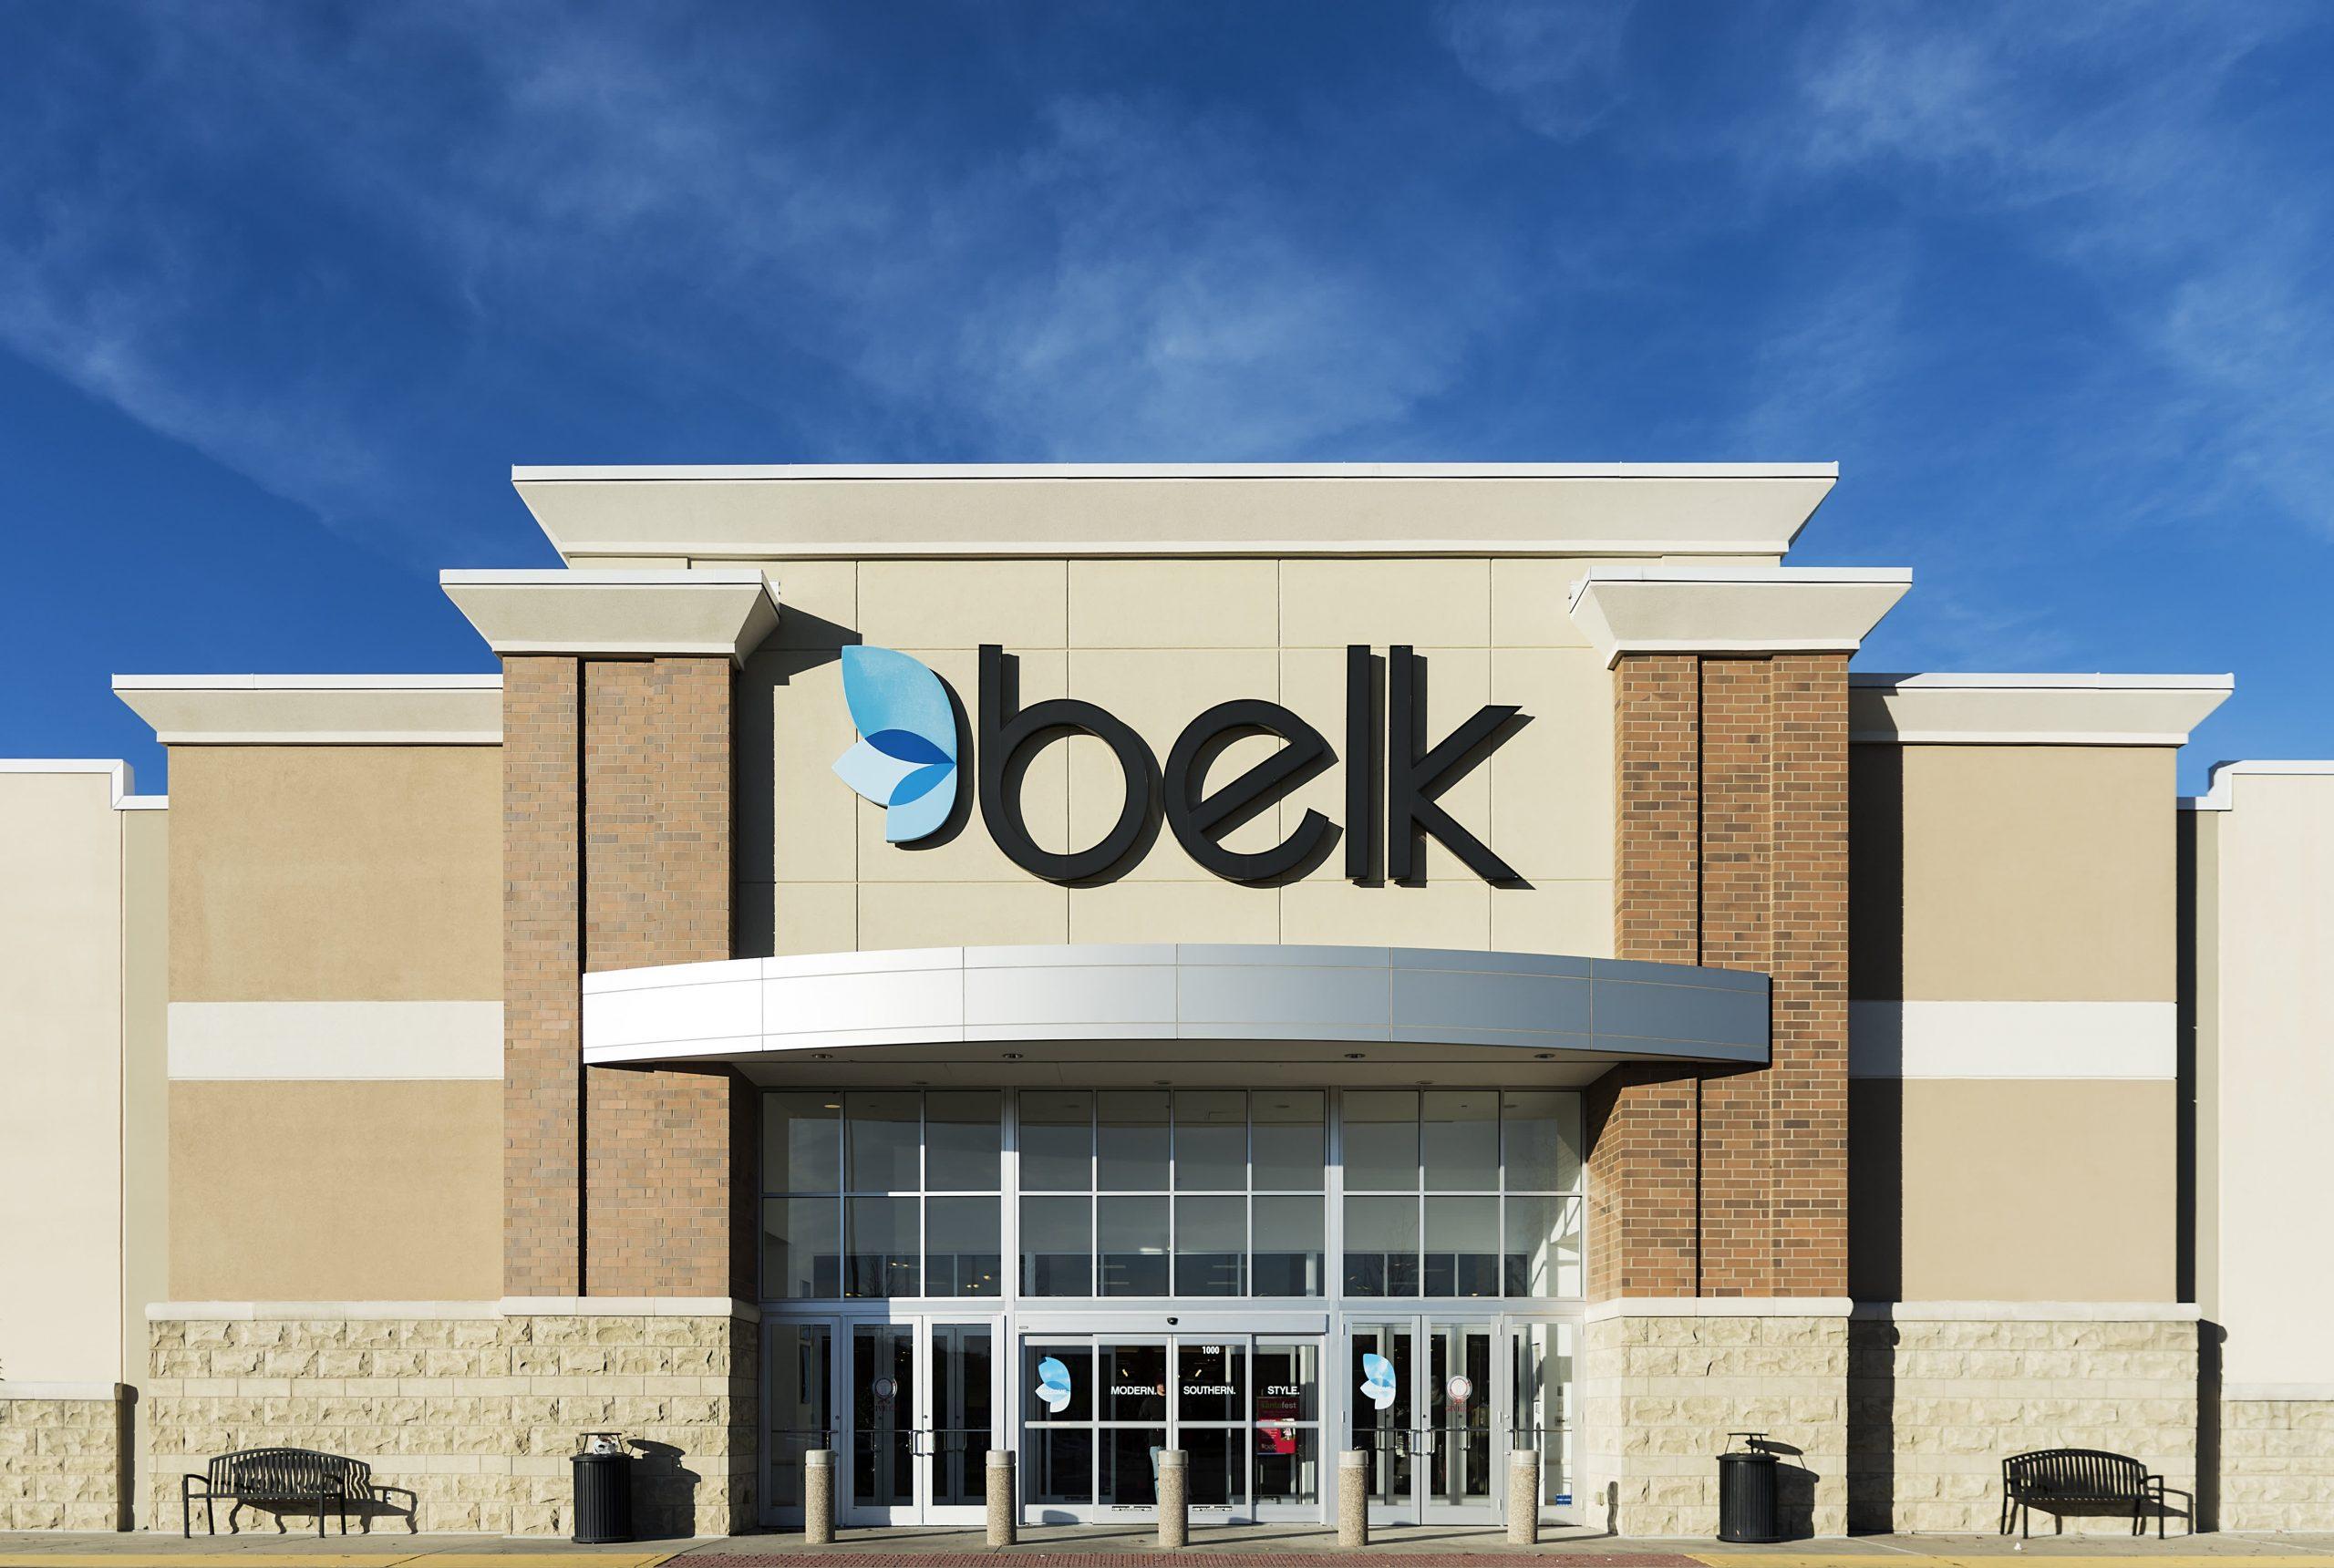 belks-lenders-look-to-avoid-taking-retailer-through-bankruptcy-wsj